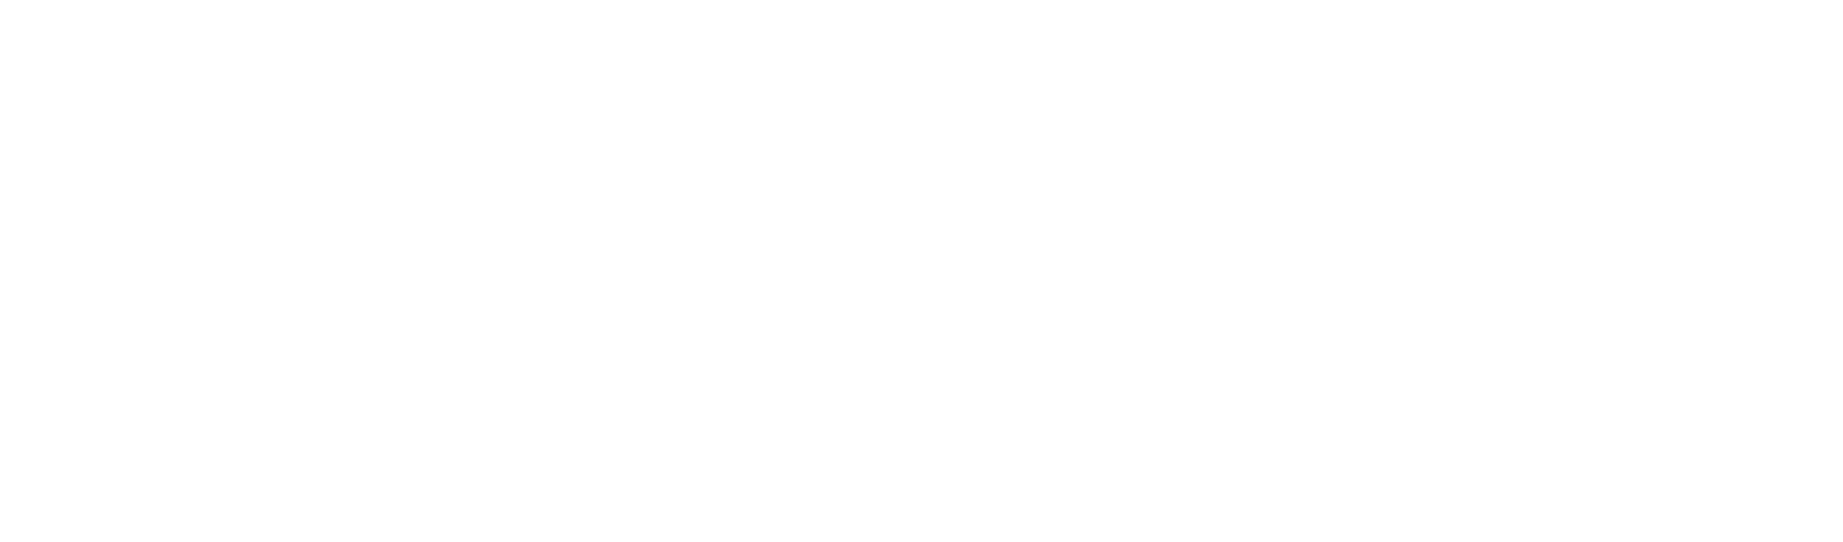 fondo_blanco_footer